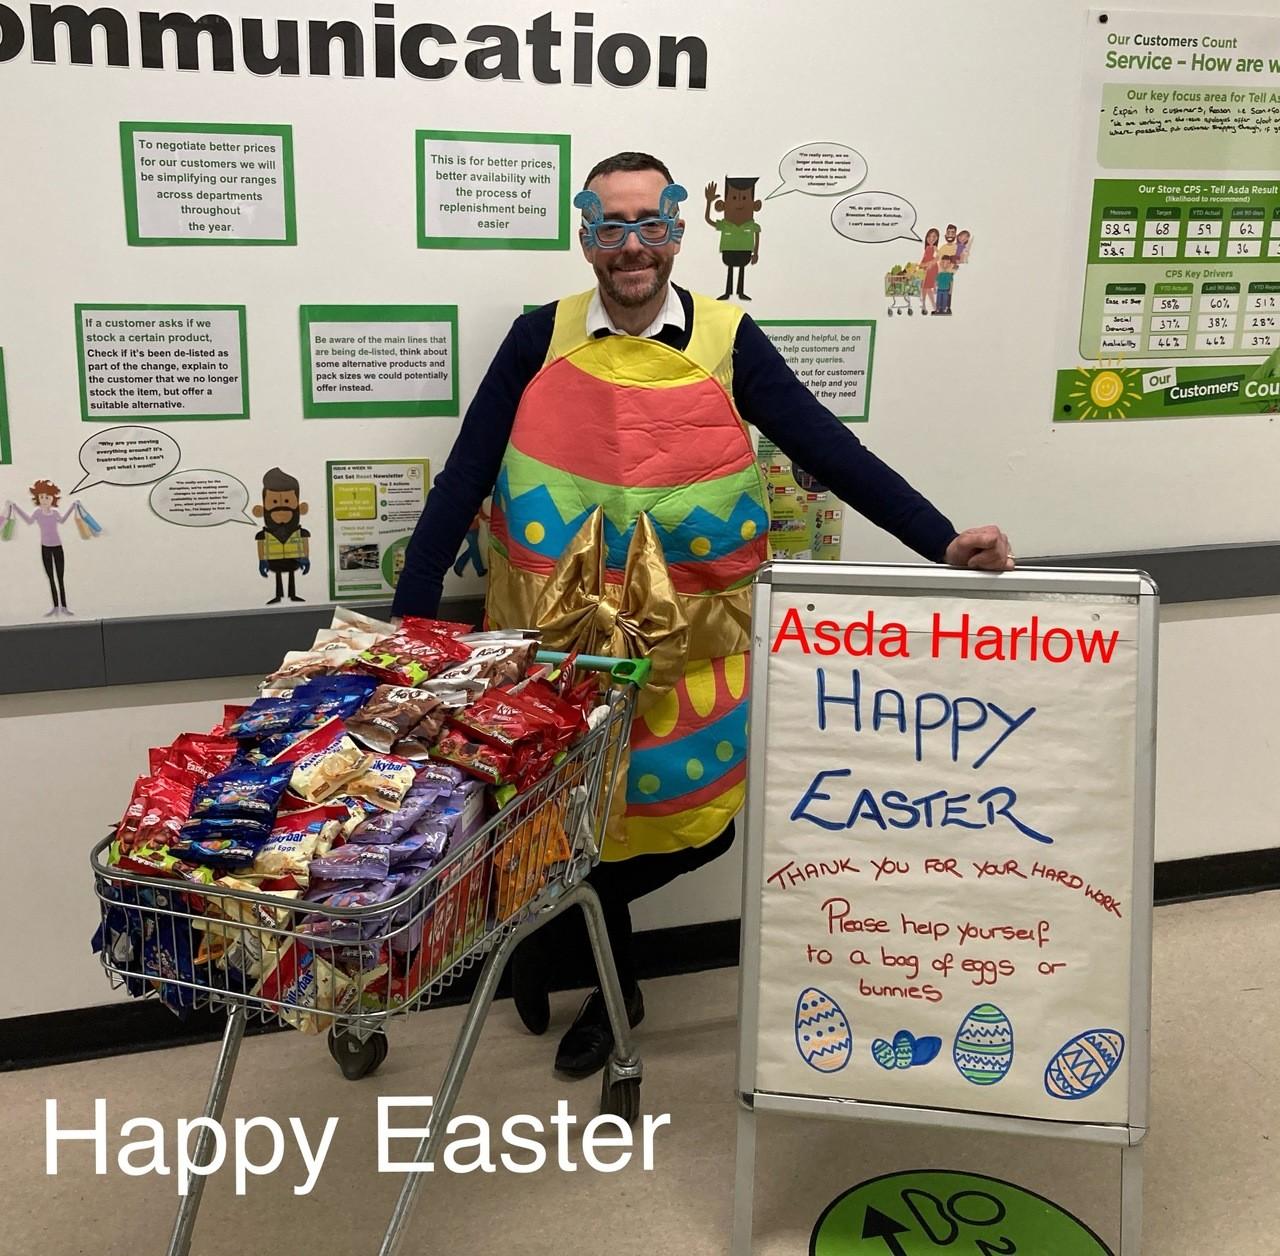 Happy Easter in Asda Harlow   Asda Harlow